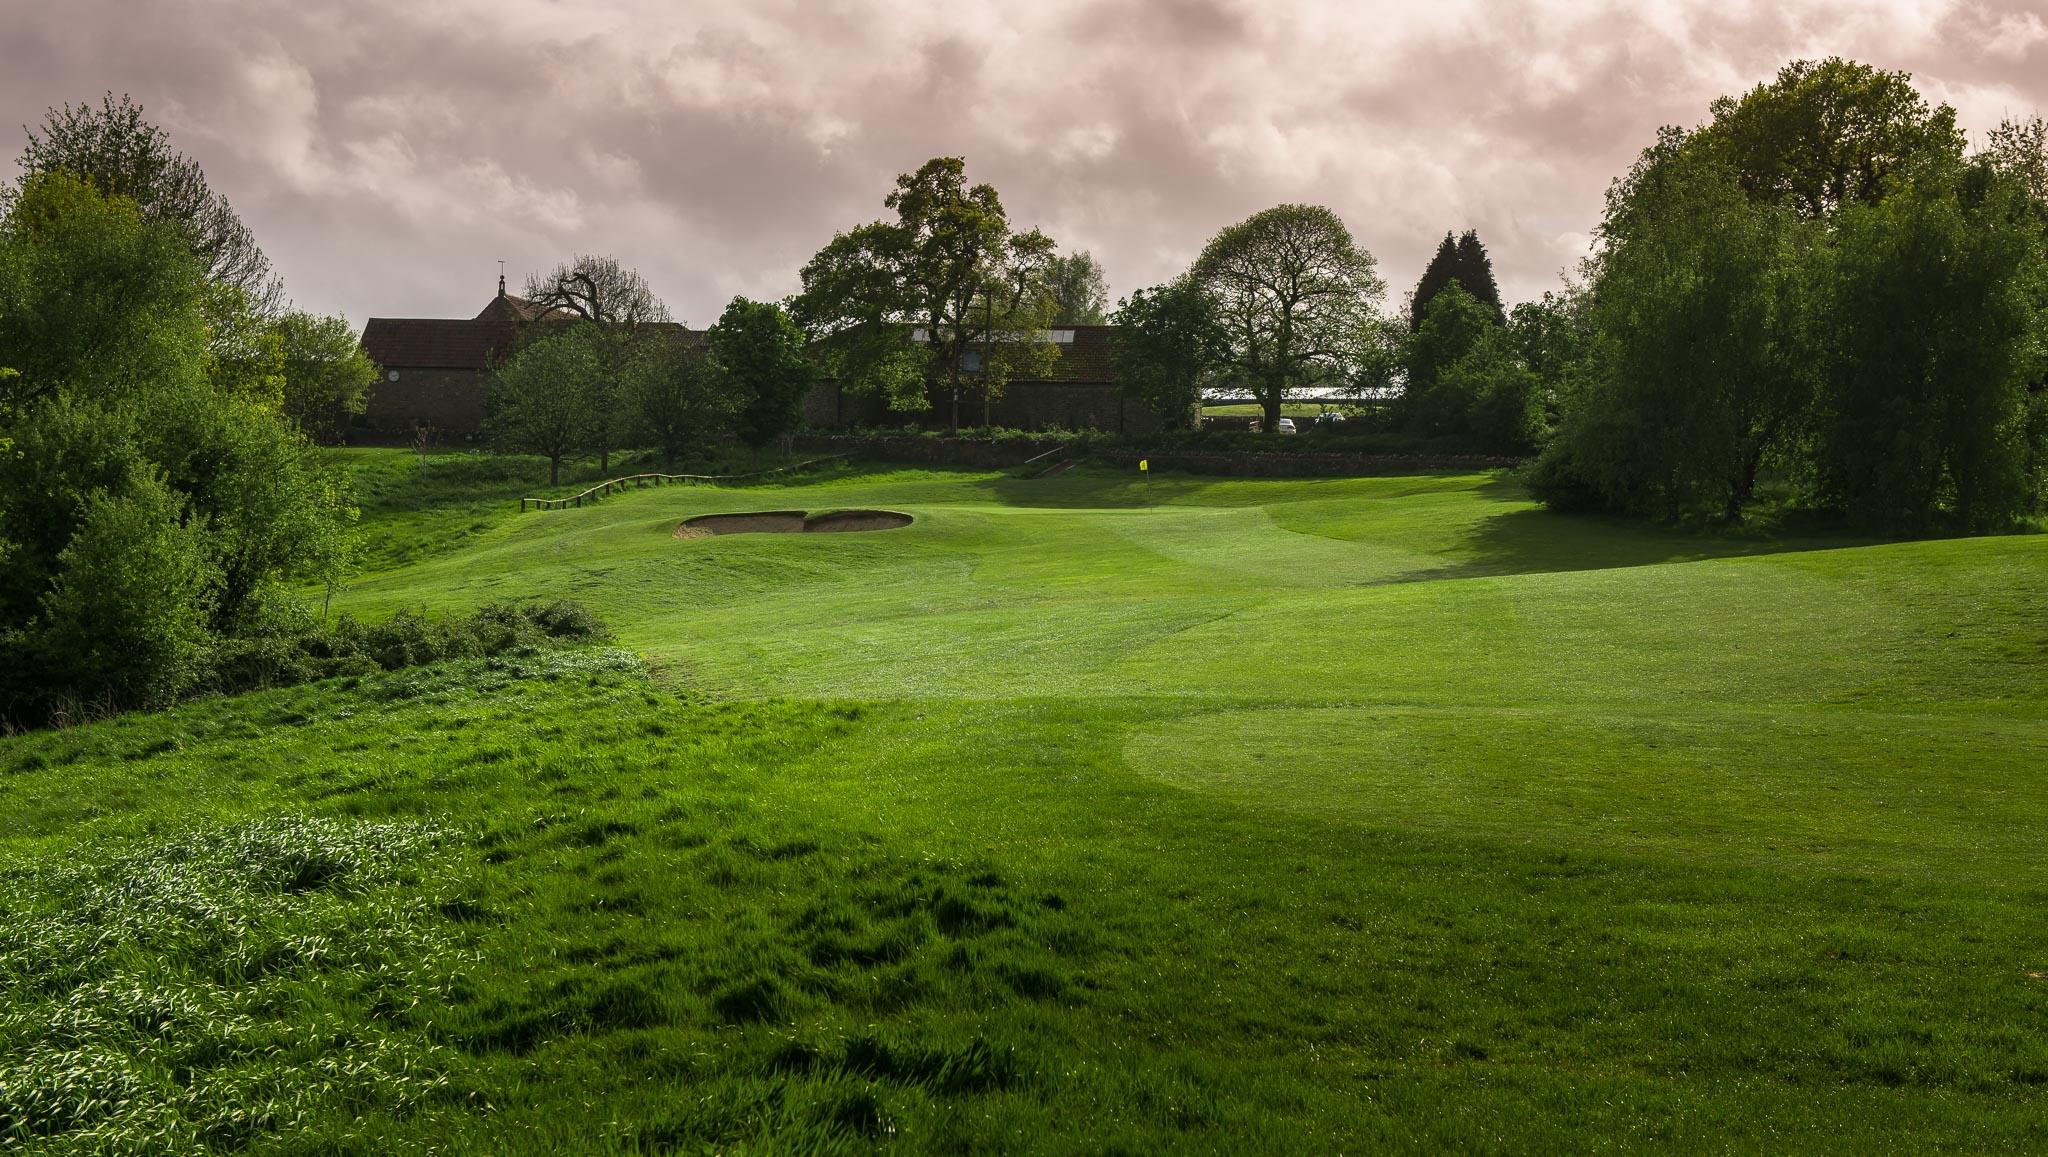 BGL_Thornbury_GolfCourse_AndyHiseman_72dpi_EmailWeb-2.jpg